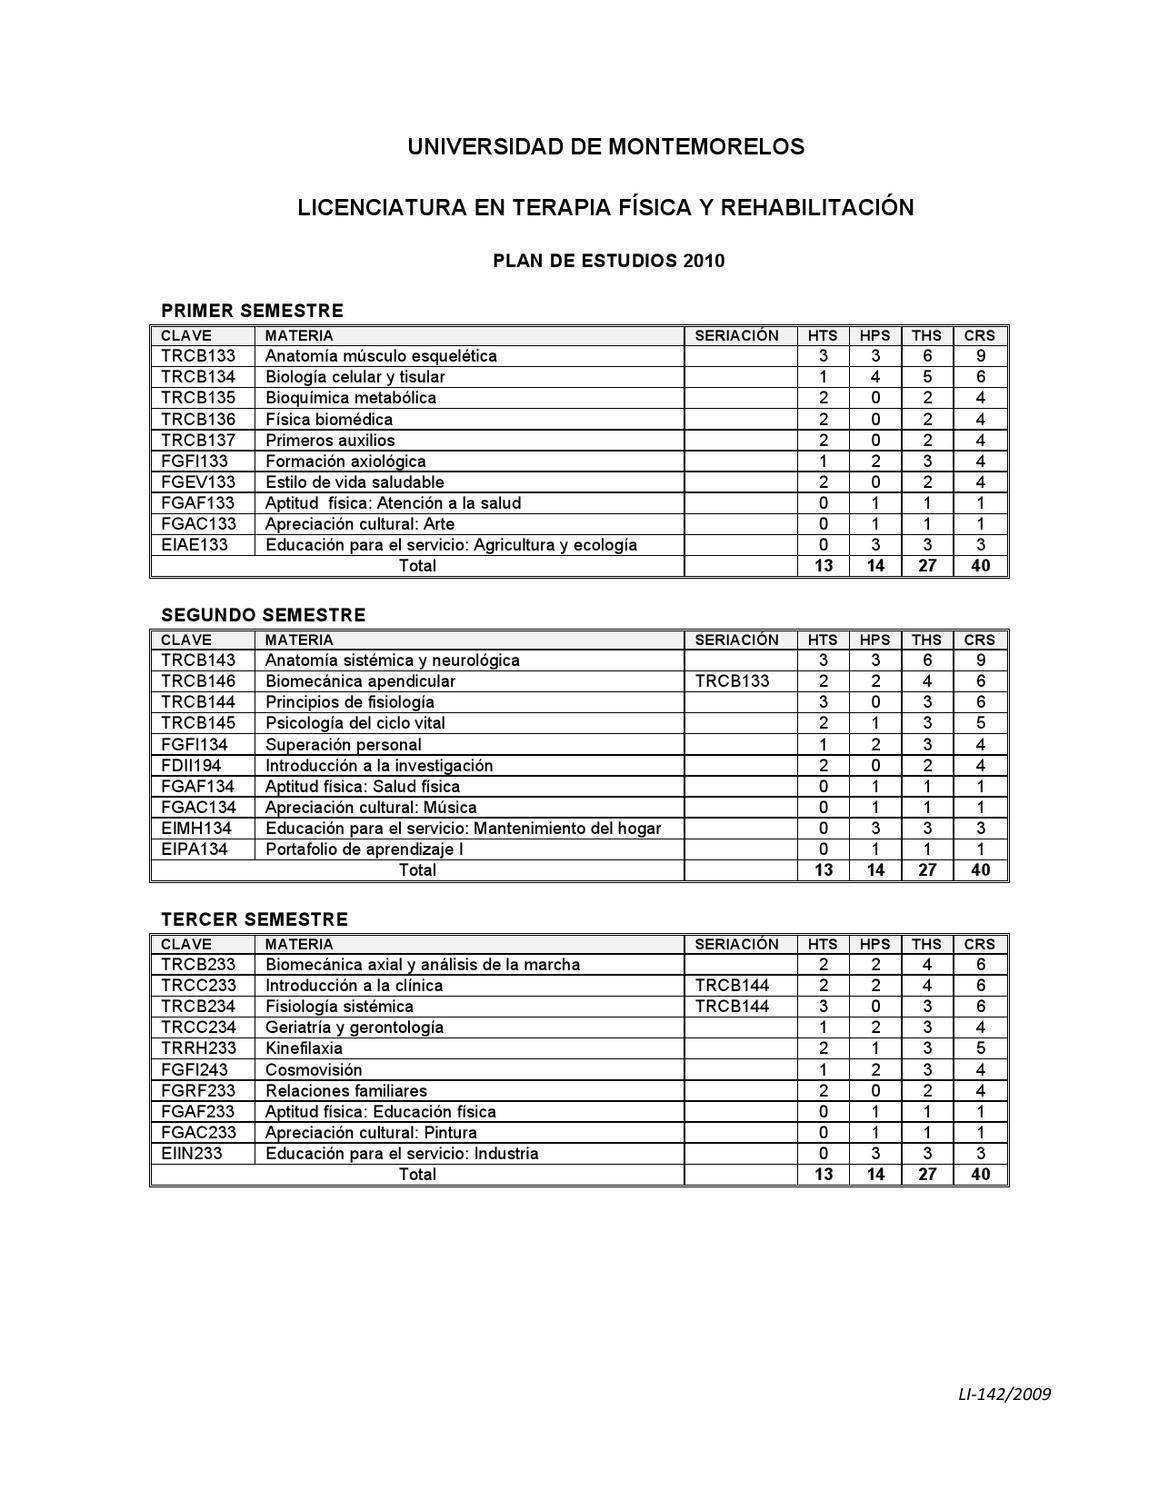 Plan de estudios 2010-TFR-corregido by Universidad de Montemorelos ...